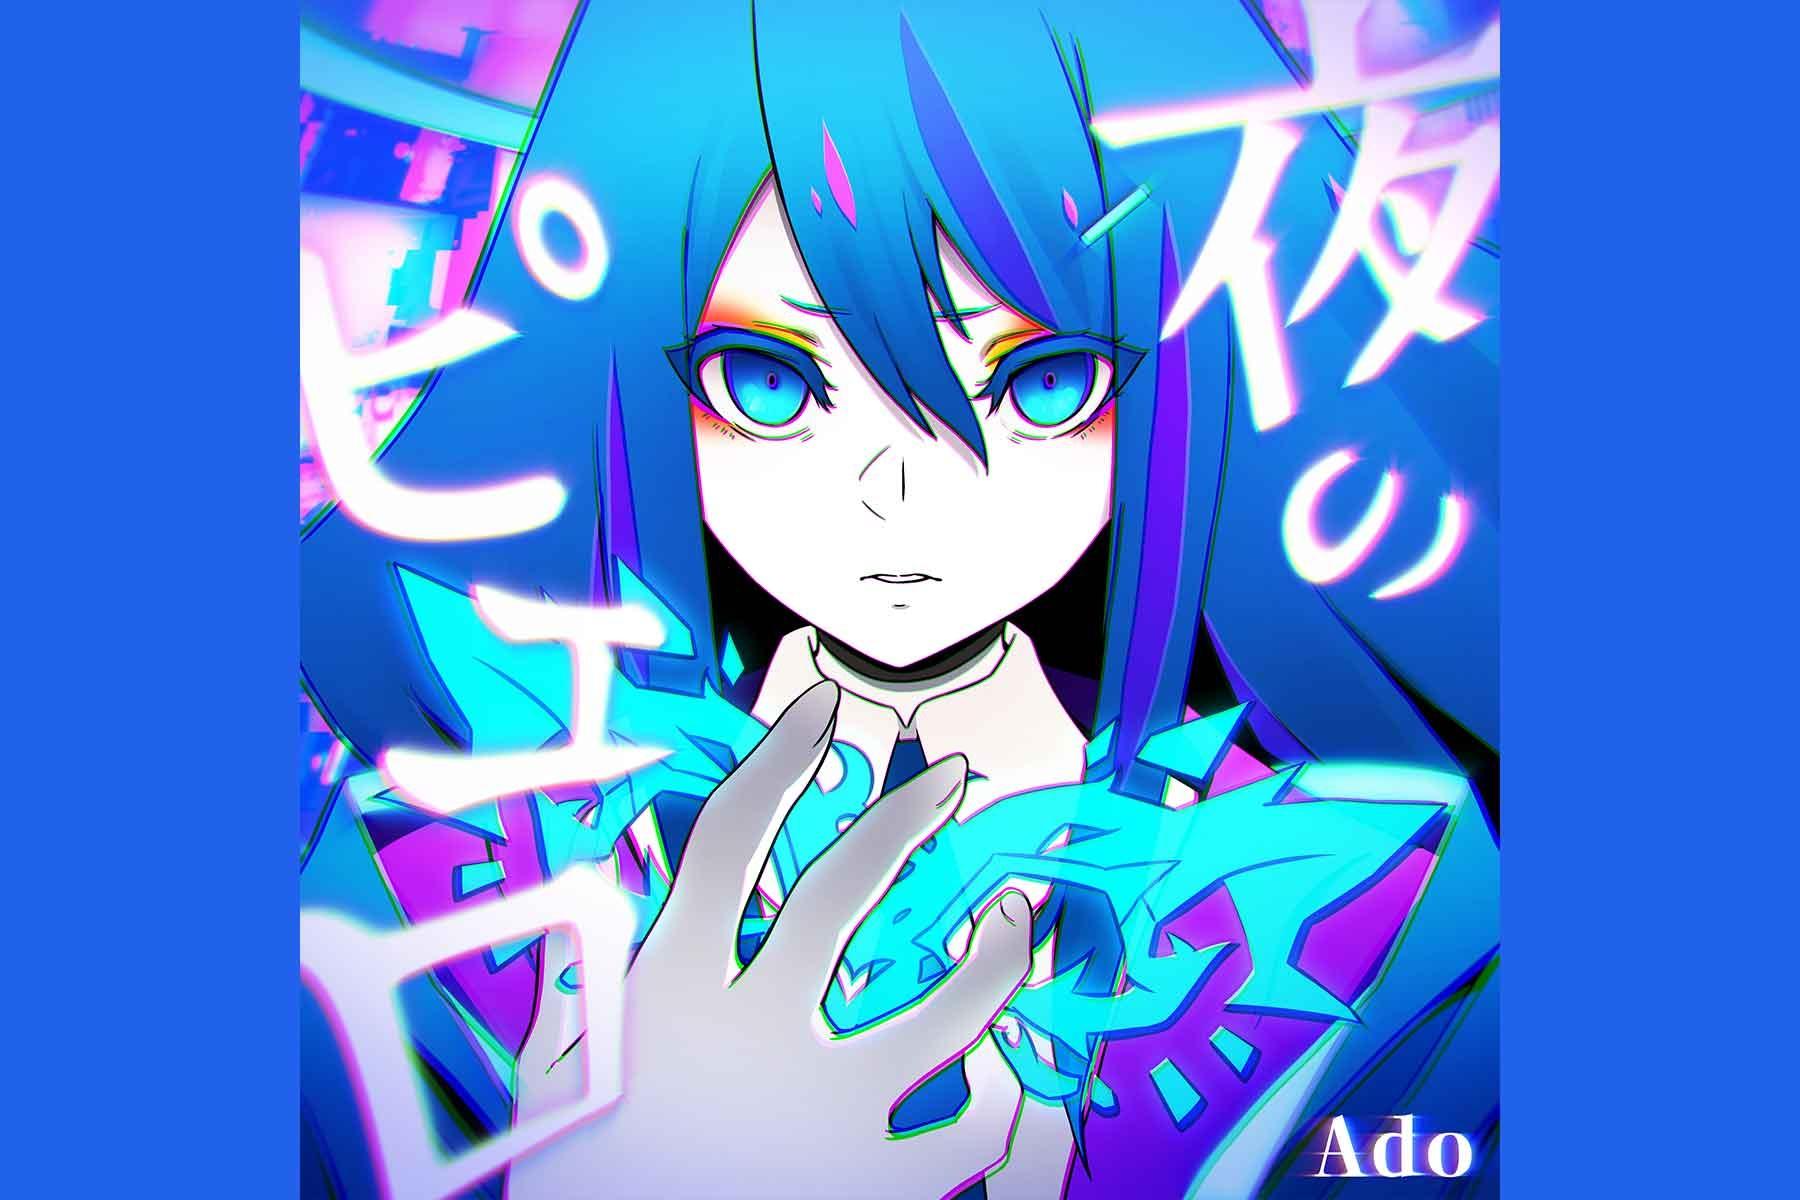 Adoの画像